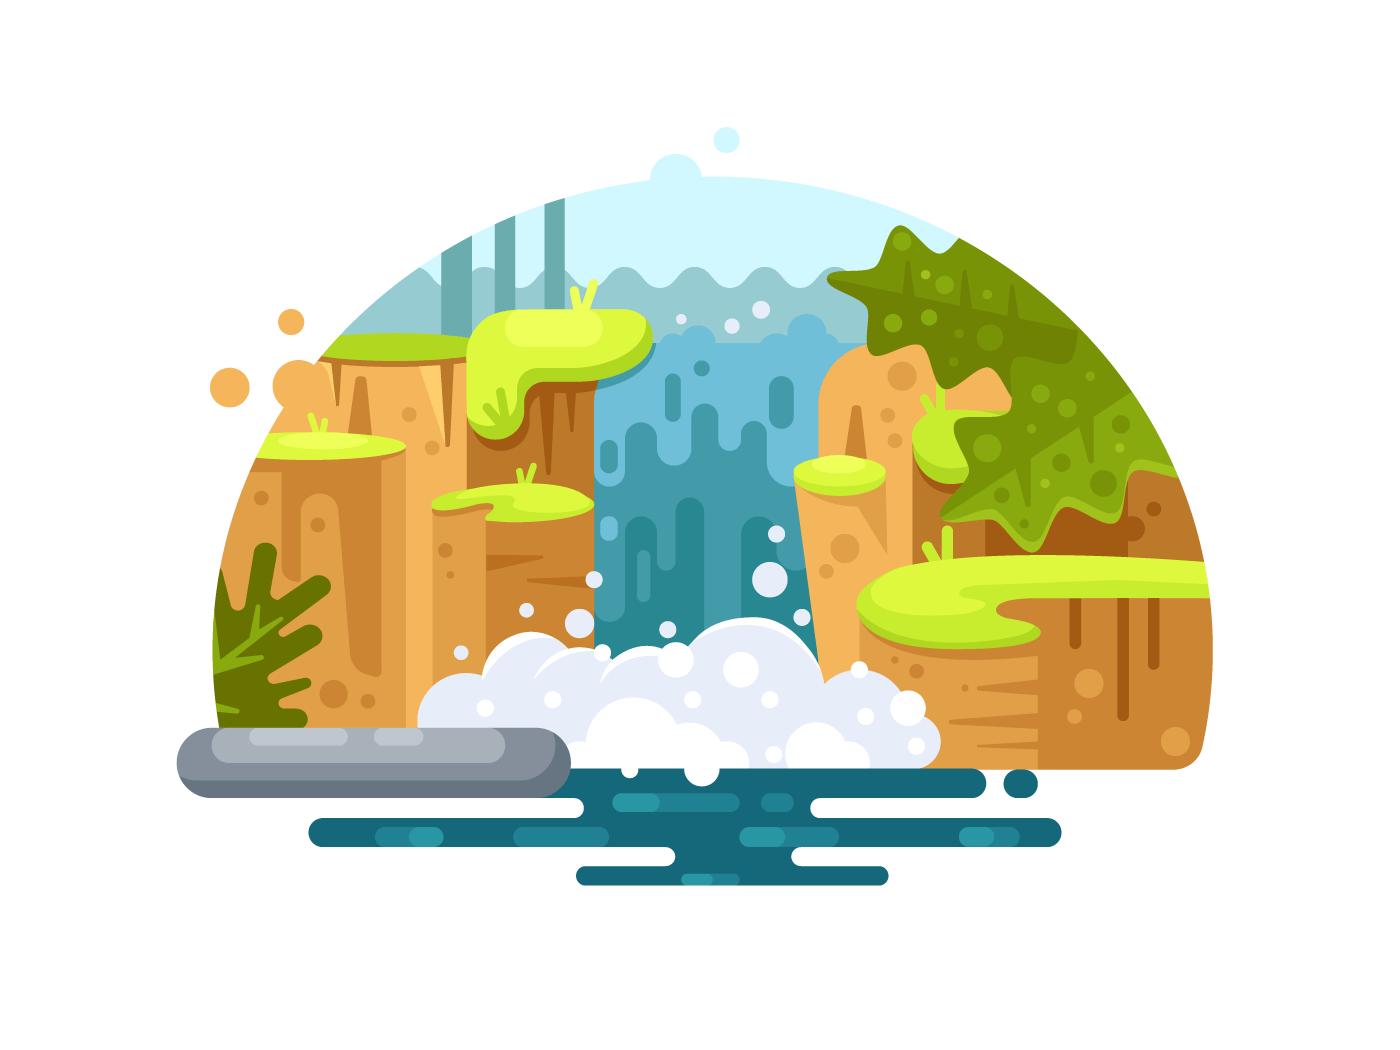 Natural river waterfall illustration